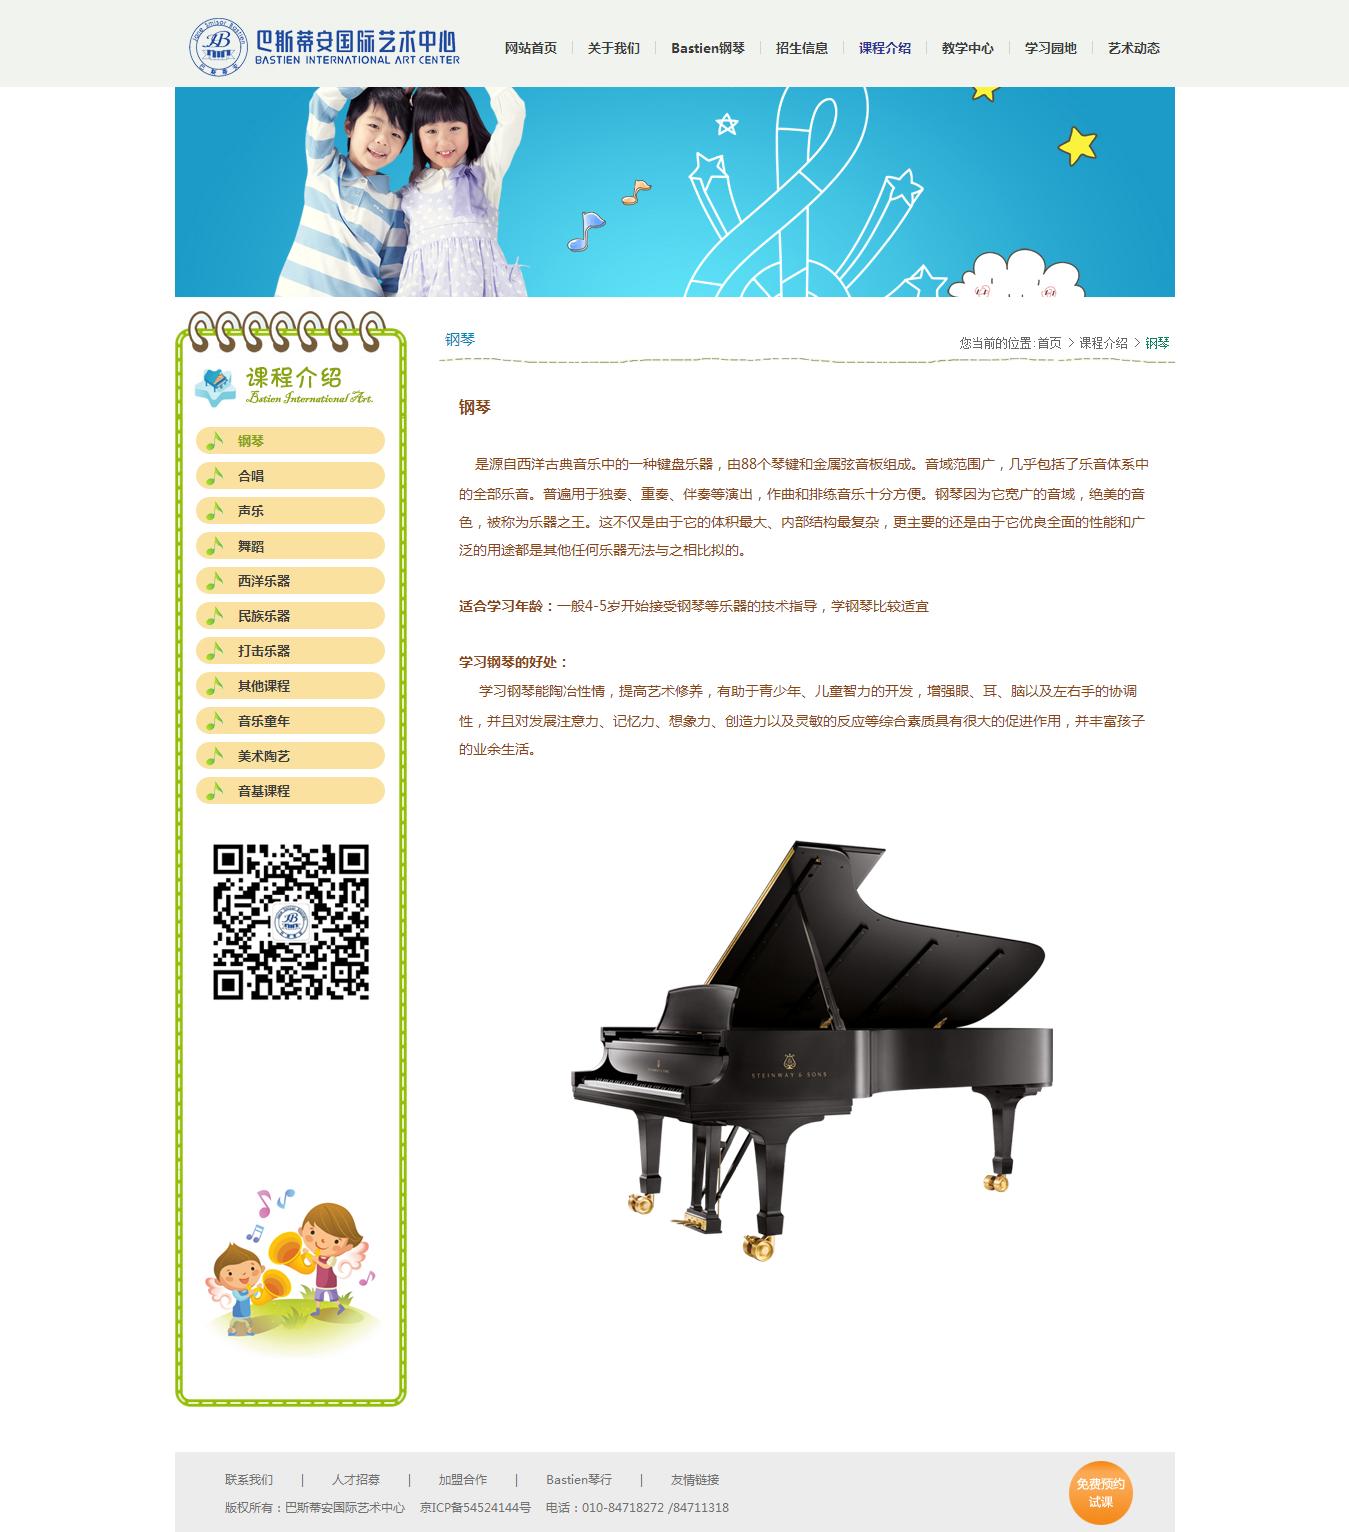 钢琴 - 巴斯蒂安国际艺术中心